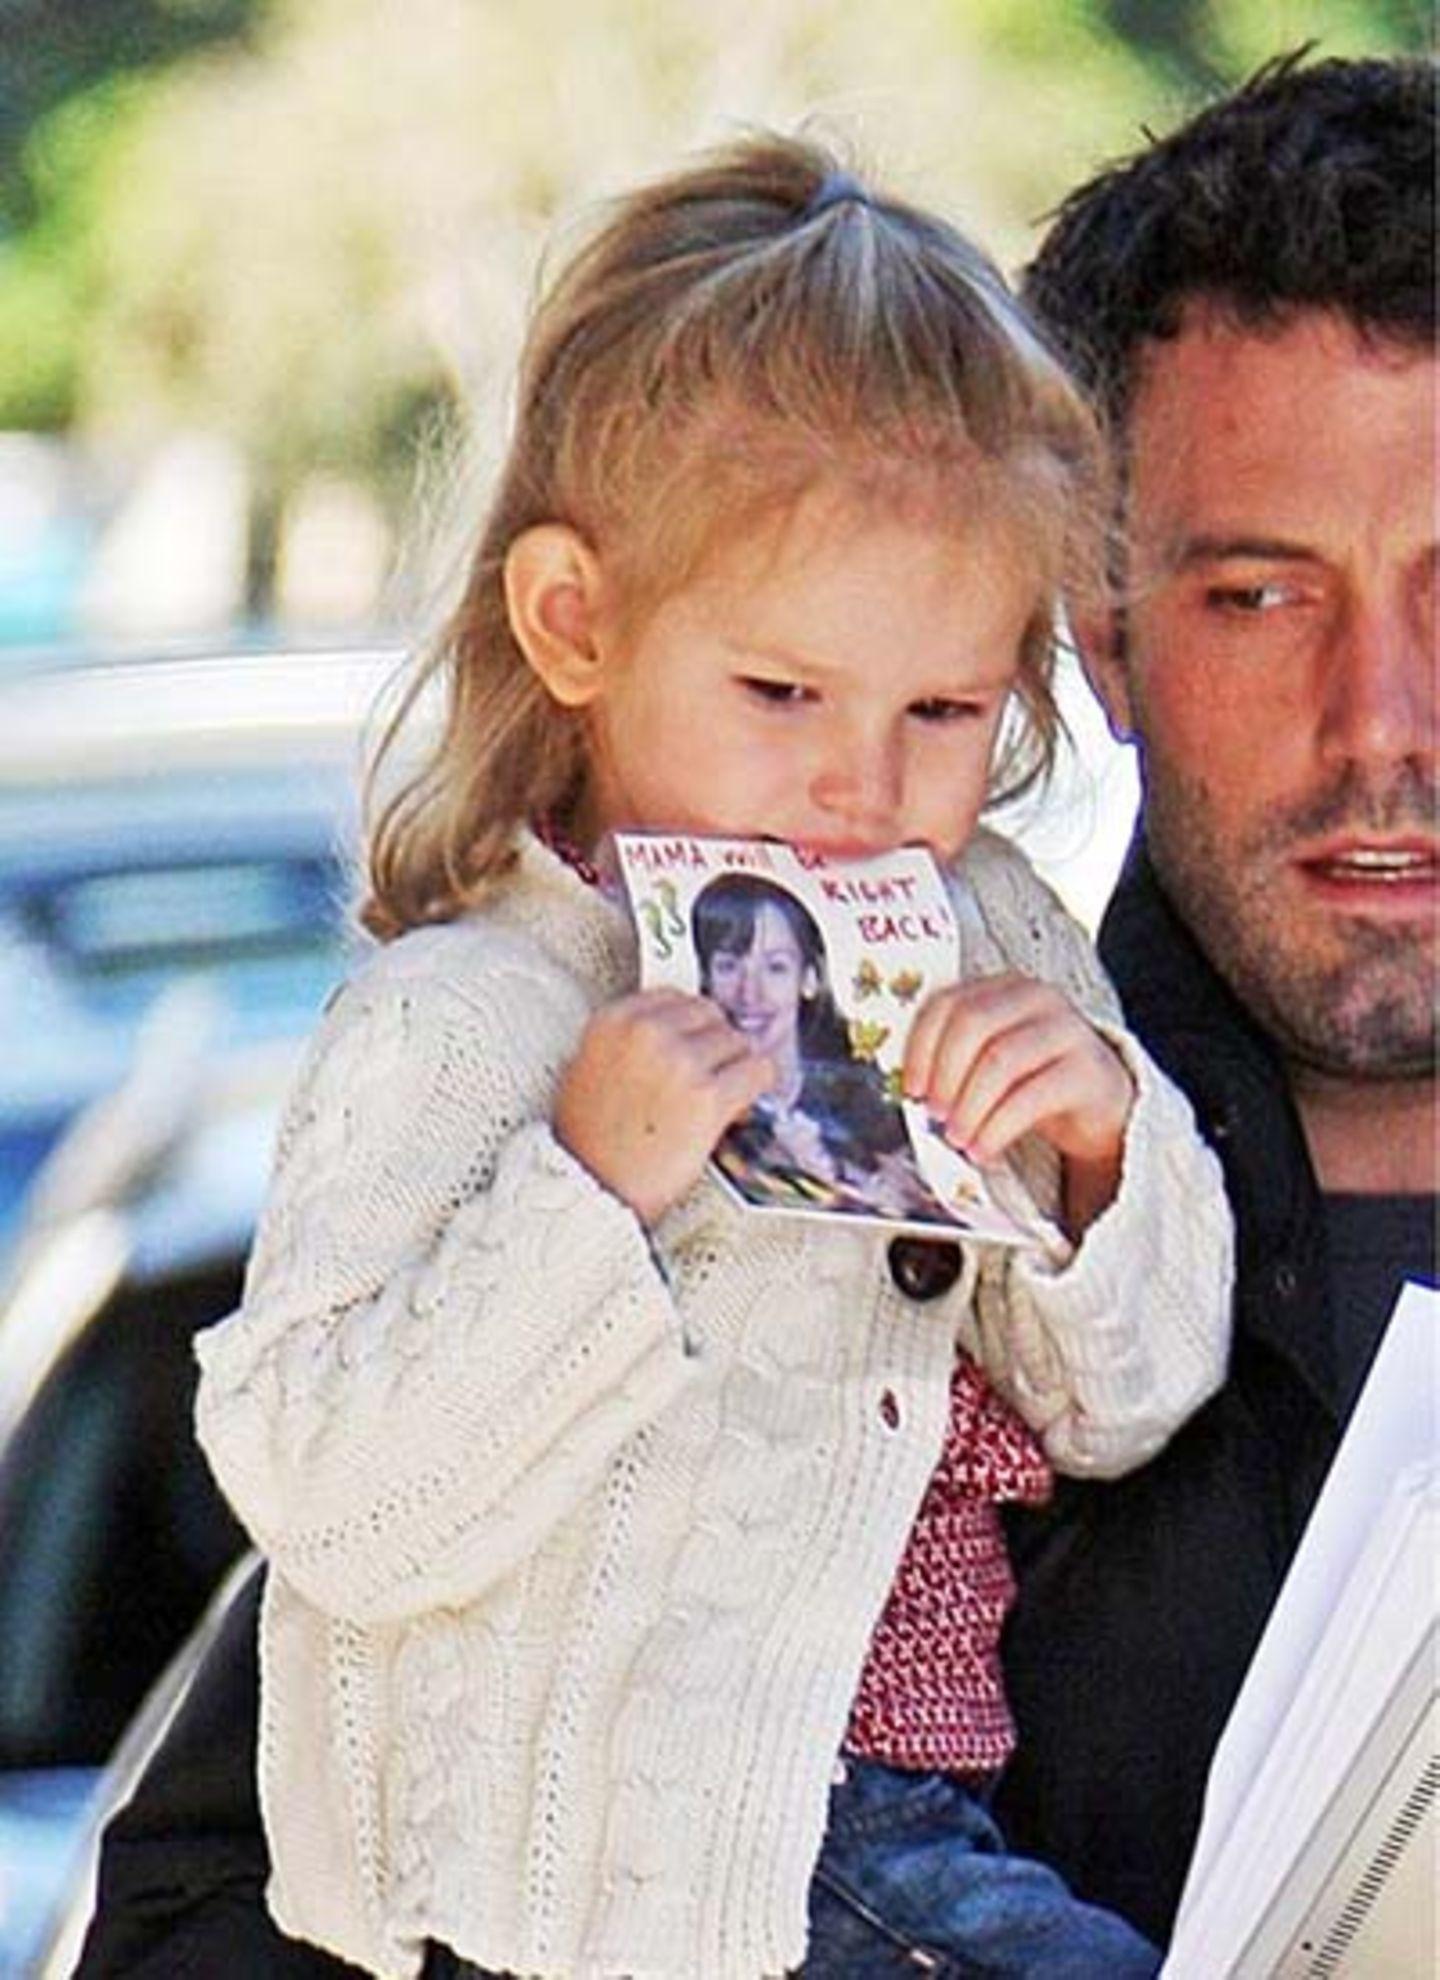 5. November 2008: In Gedanken versunken kaut die kleine Violet auf einem Bild ihrer Mutter rum